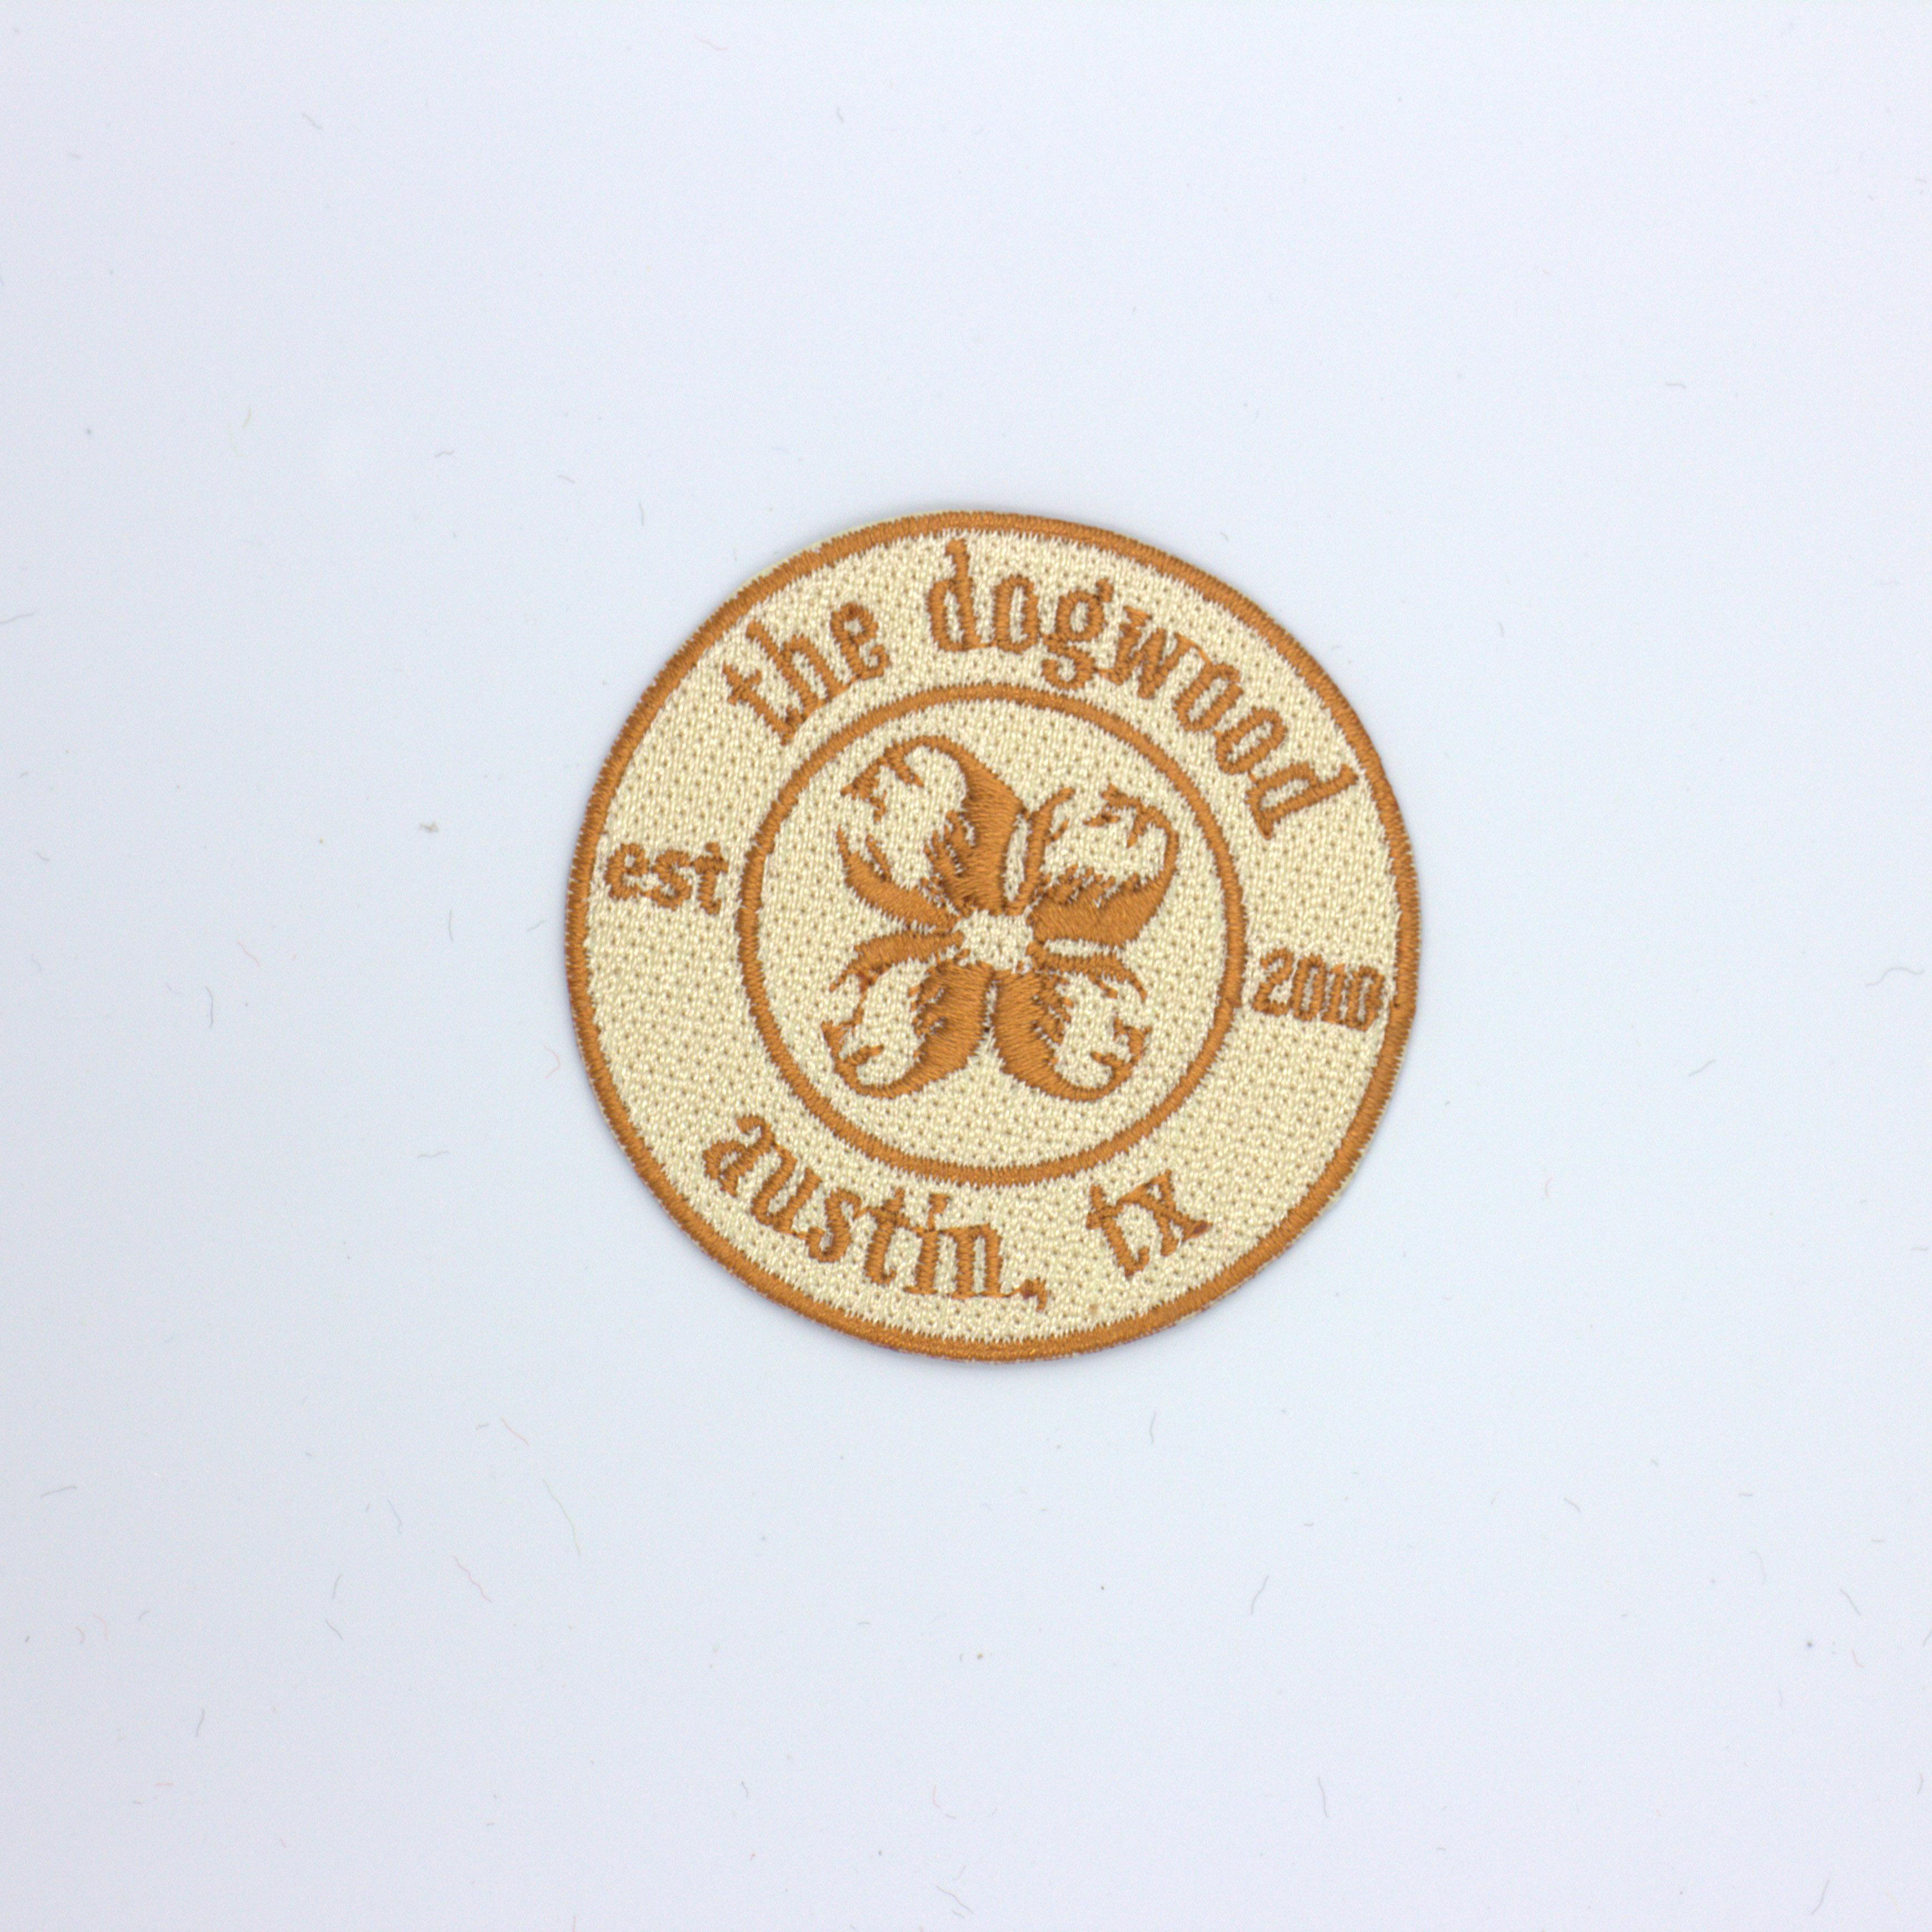 Negócio personalizado da empresa feita sob encomenda do monograma seu nome do logotipo ferro no remendo boa vinda para enviar sua arte finala para nós personalizar 6